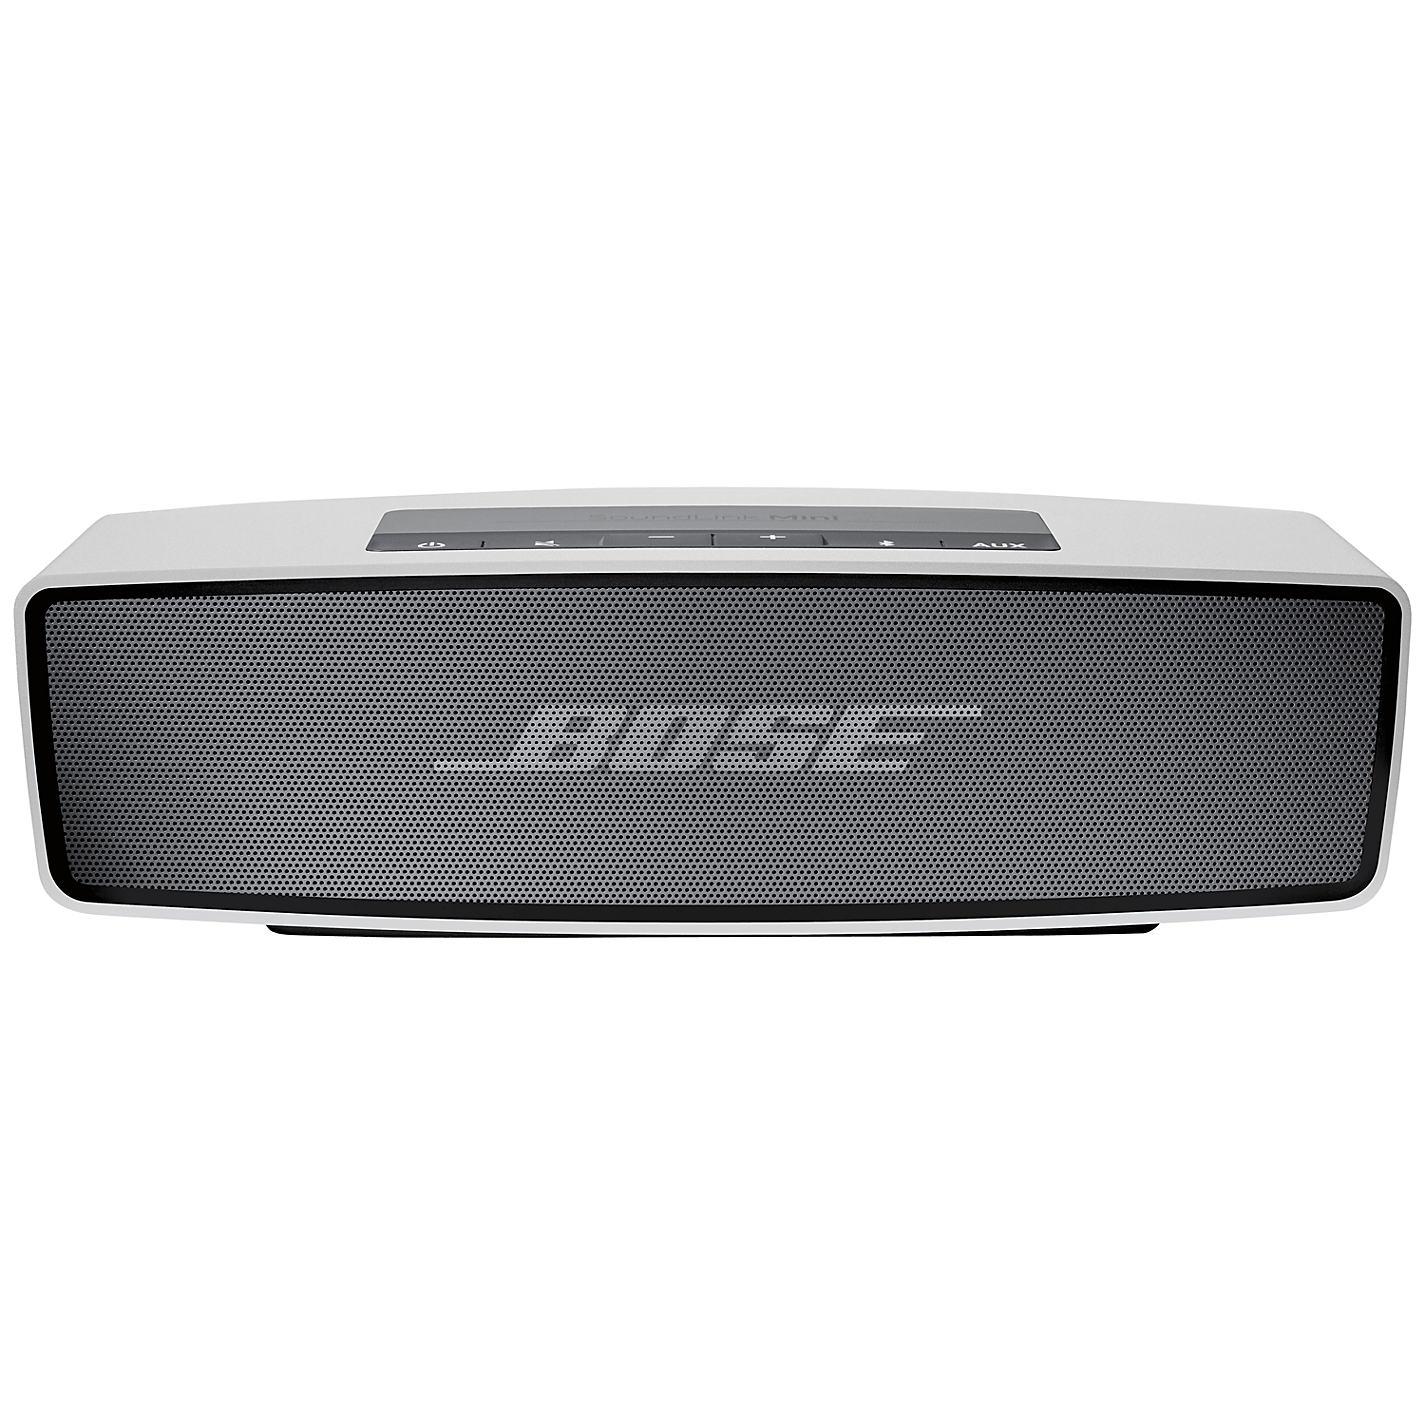 SoundLink Mini, da Bose